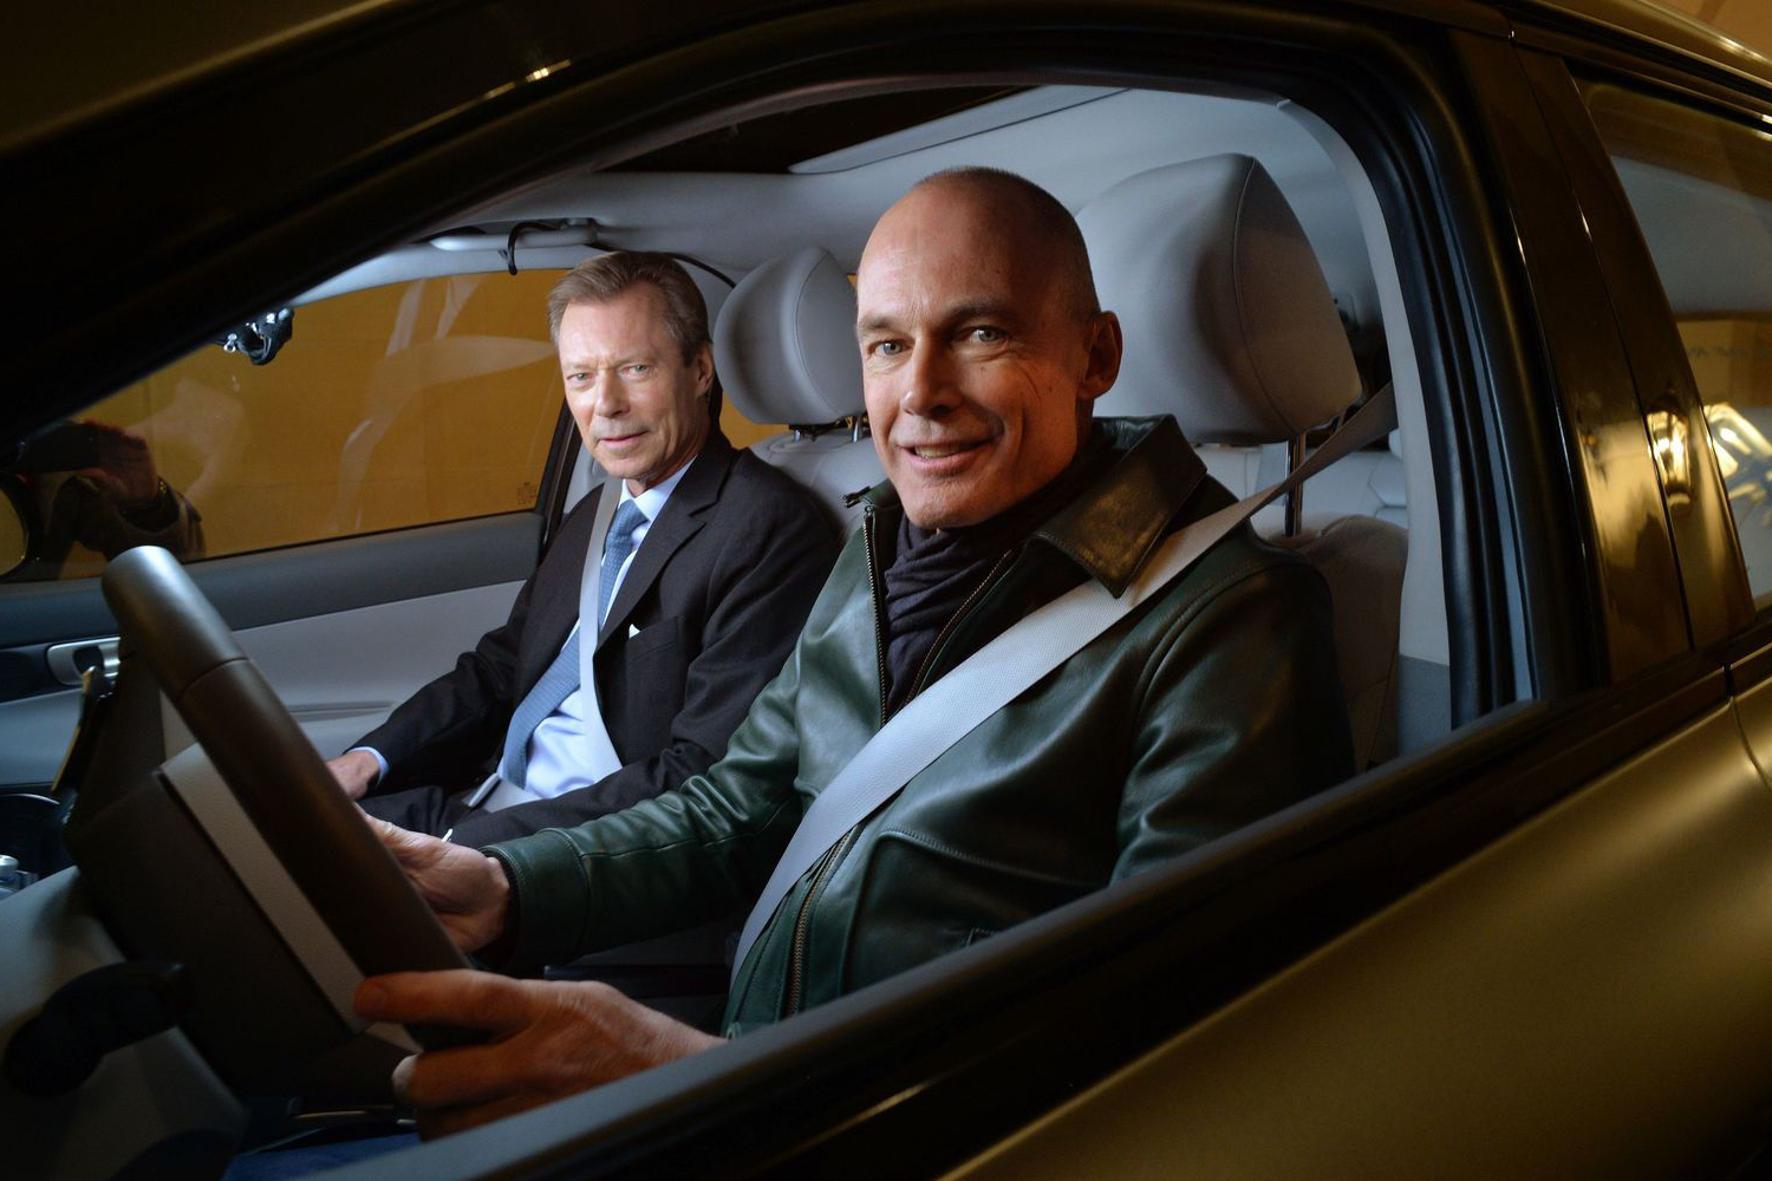 mid Groß-Gerau - Hoheiten: Luft- und Raumfahrer Bertrand Piccard am Steuer des Wasserstoff-Hyundais Nexo, begleitet vom luxemburgischen Großherzog Henri. Hyundai